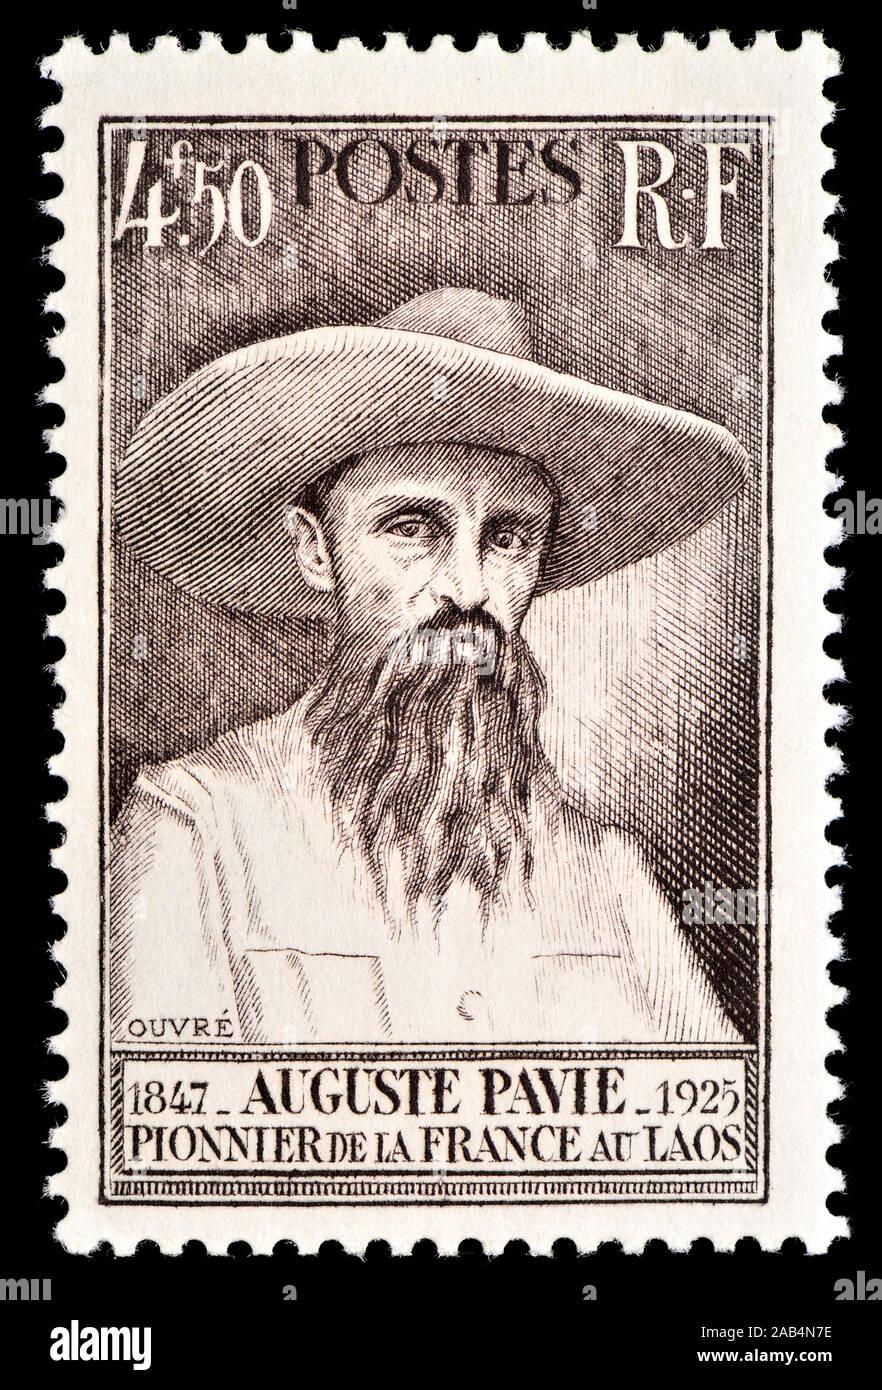 Sello francés (1947) : Jean-Marie Auguste Pavie (1847 - 1925) funcionario colonial francés, explorador y diplomático que fue instrumental en this Foto de stock